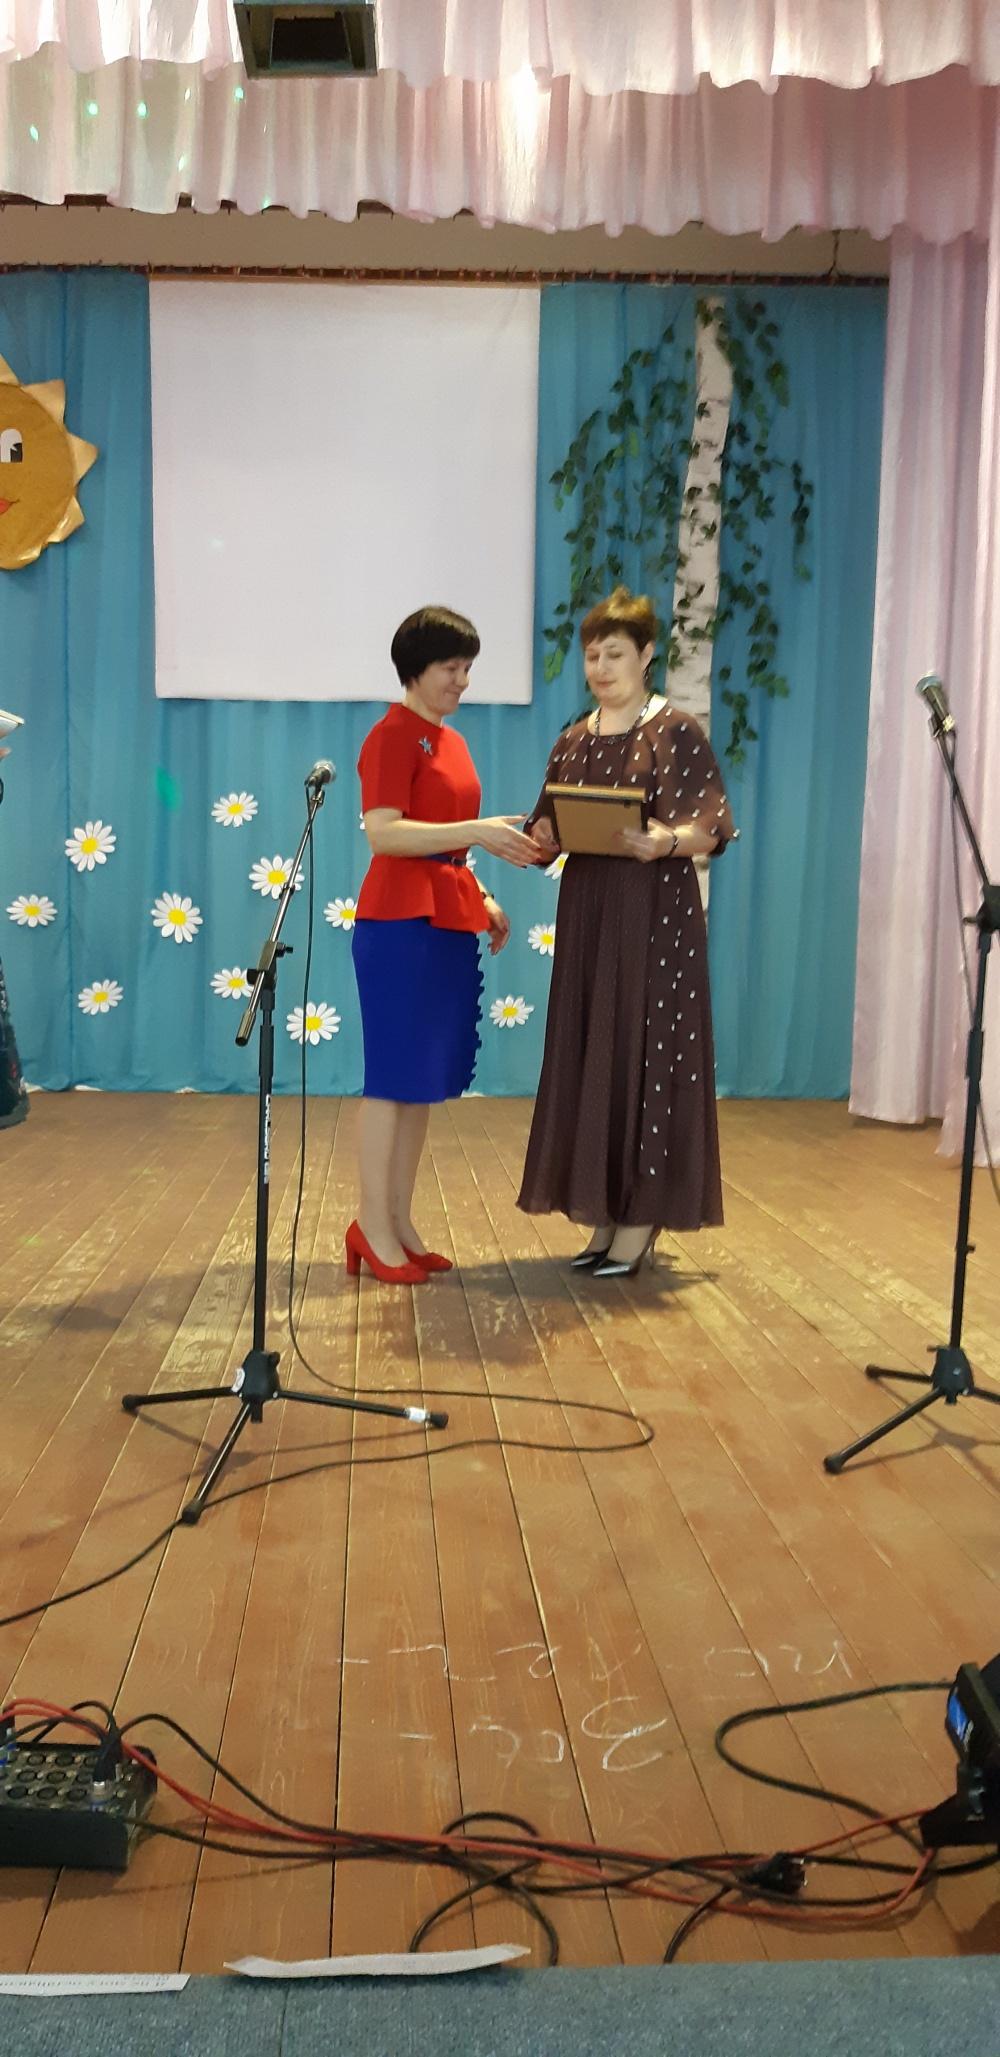 7 марта в Комсомольском СДК прошел праздничный концерт, посвященный Международному женскому дню 8 Марта.